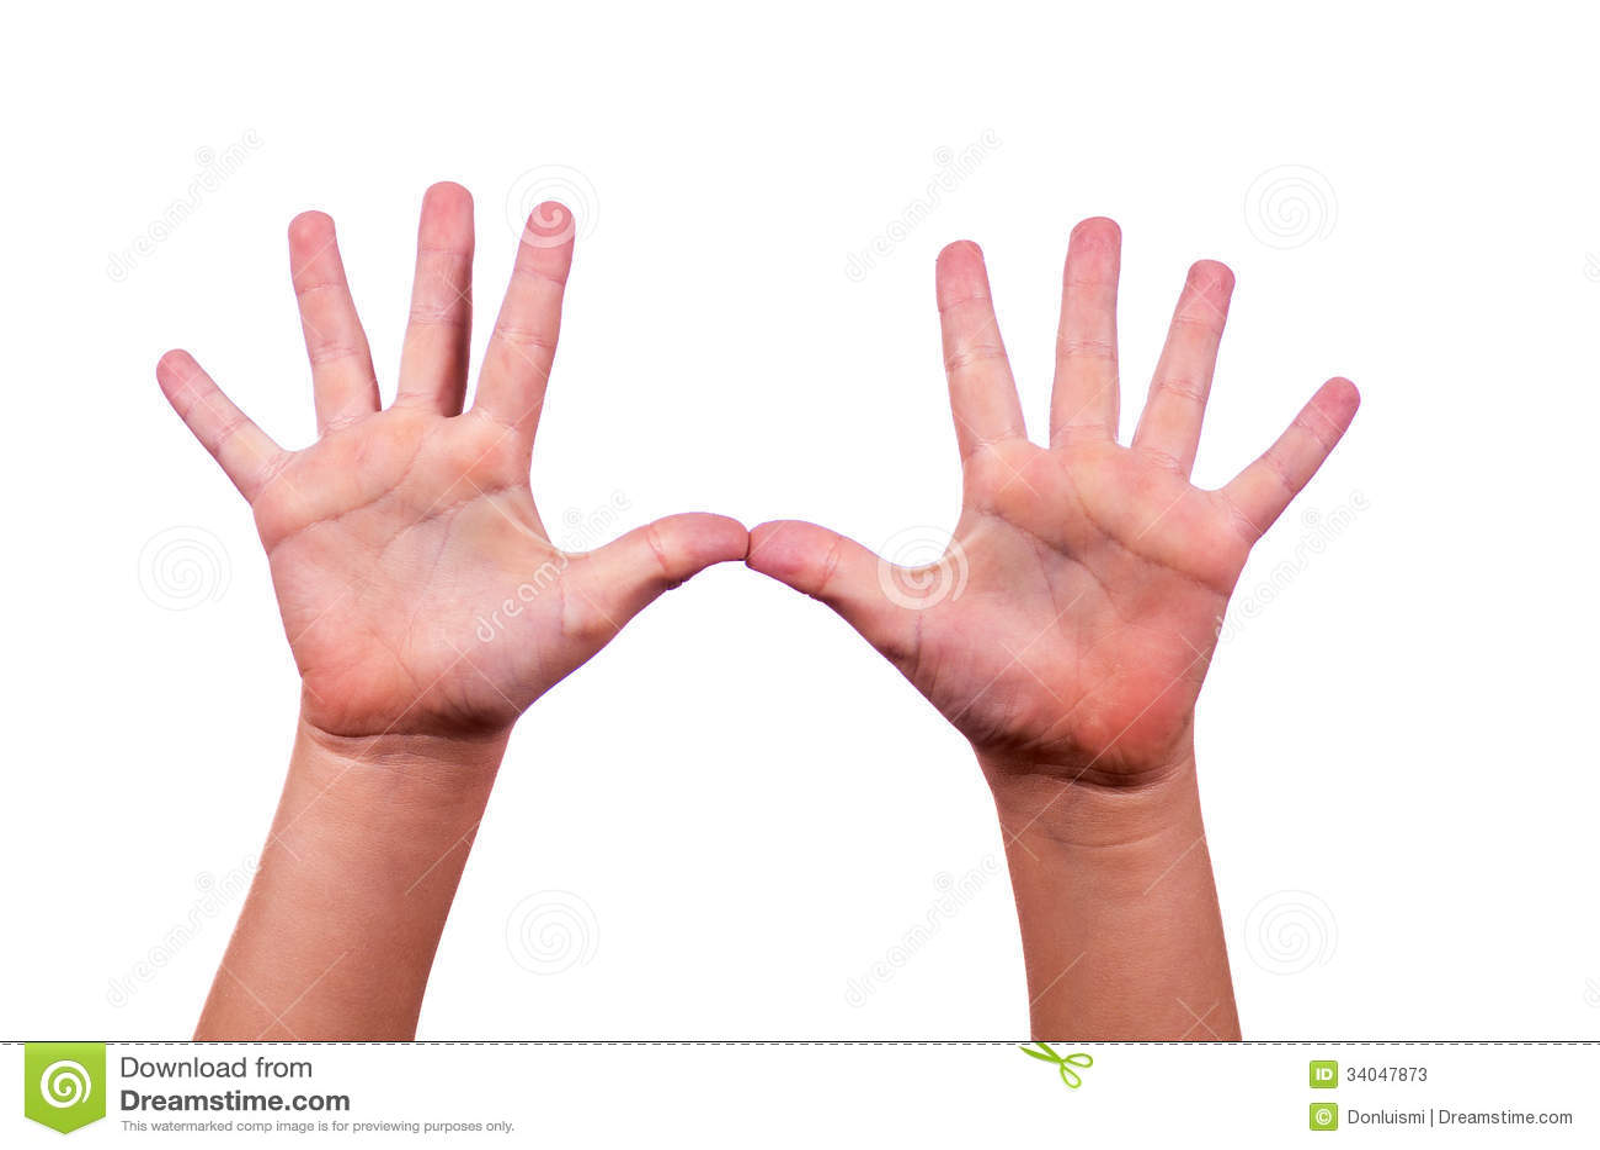 Child Raising Hand Clipart